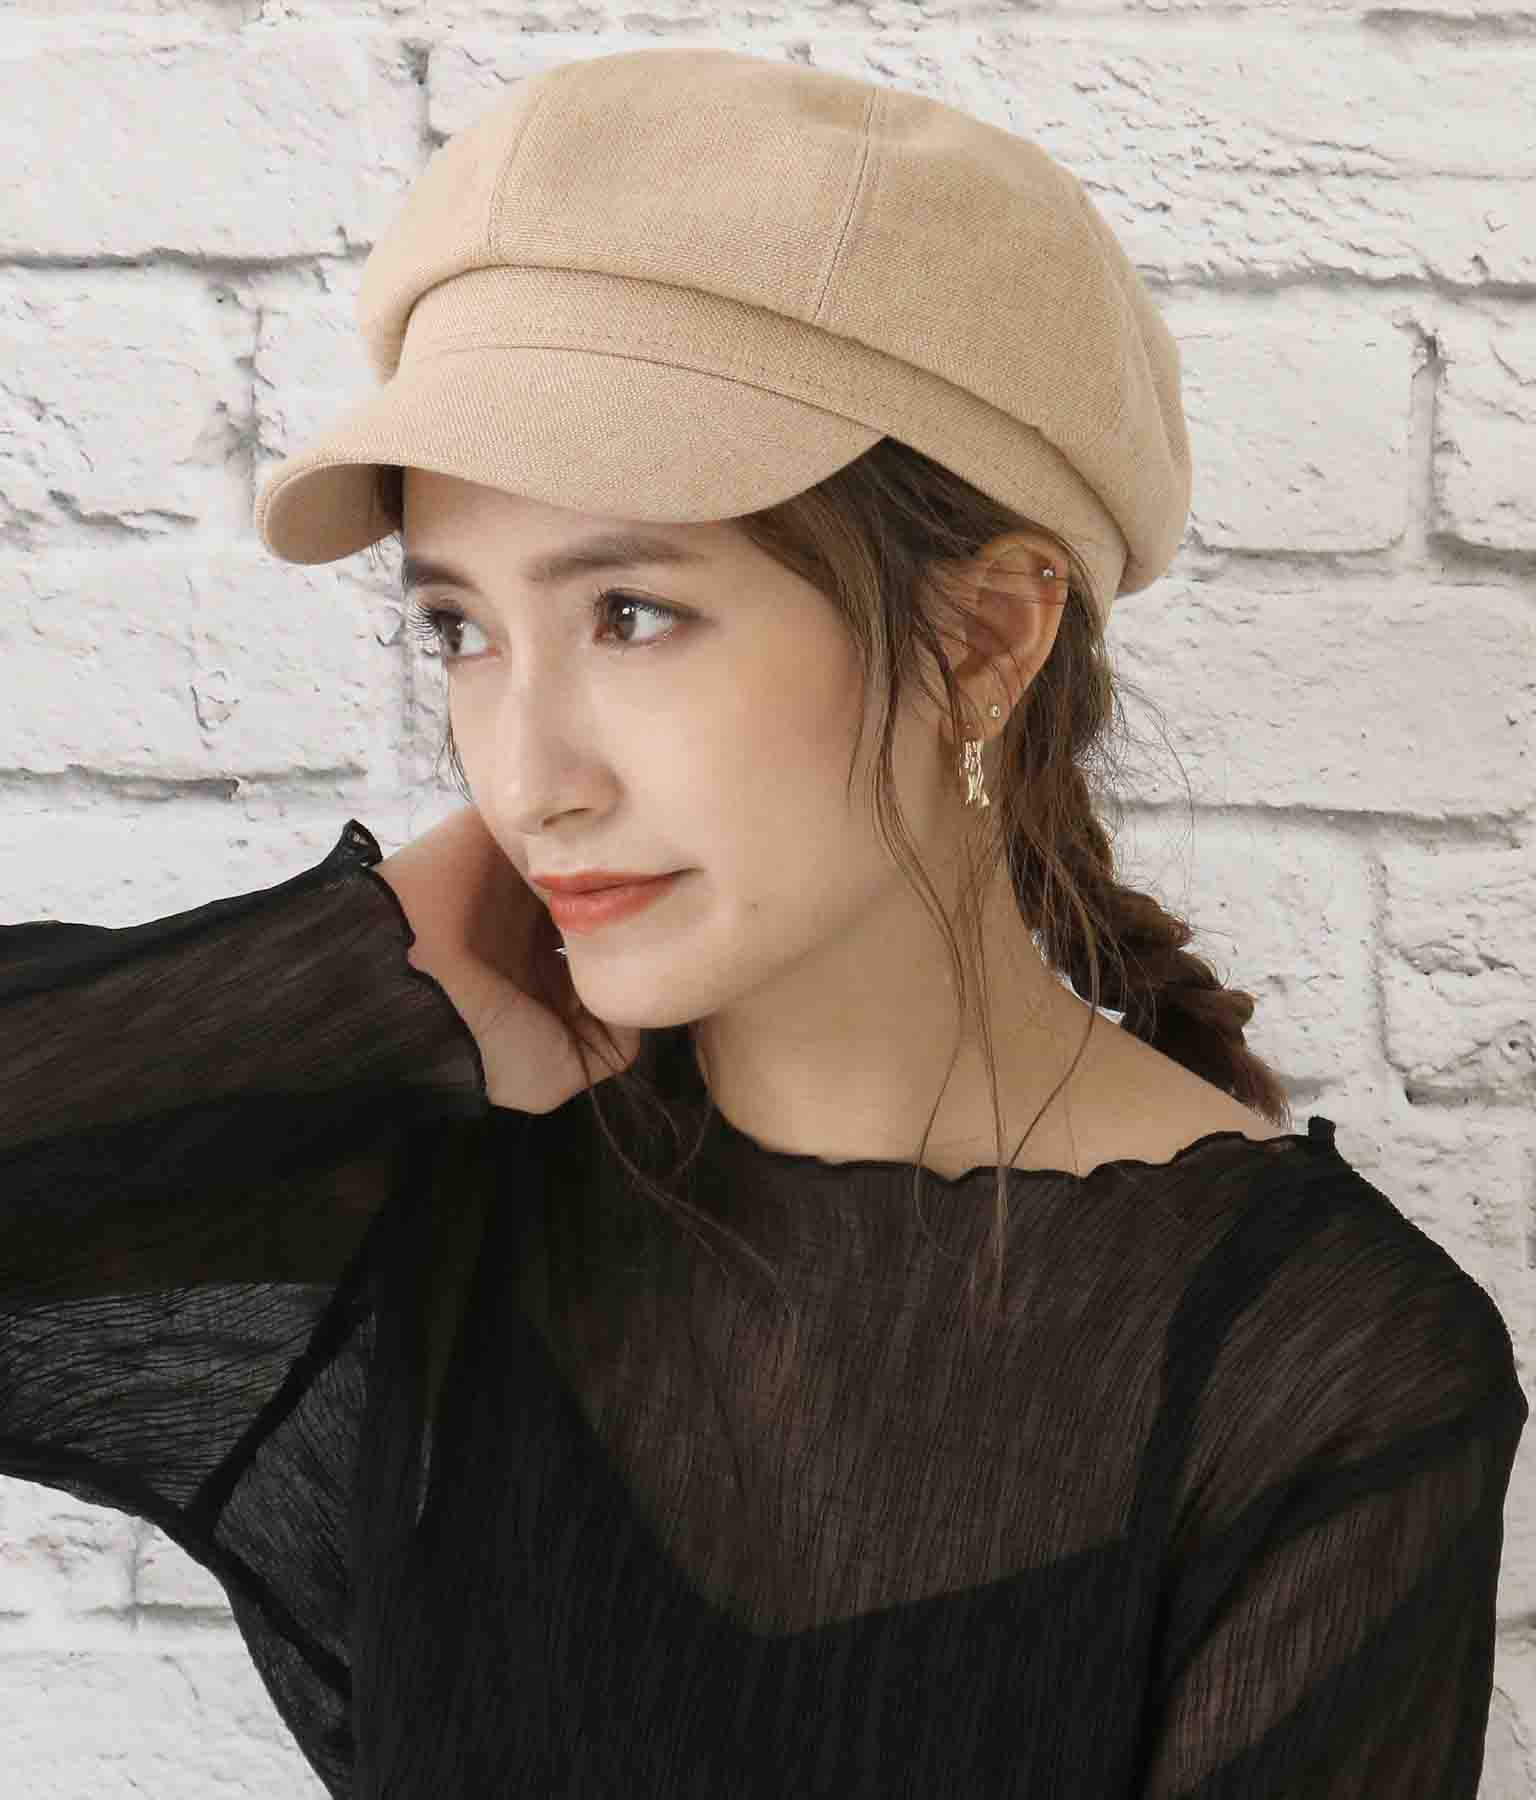 MIXツイードキャスケットキャップ(ファッション雑貨/ハット・キャップ・ニット帽 ・キャスケット・ベレー帽) | CHILLE